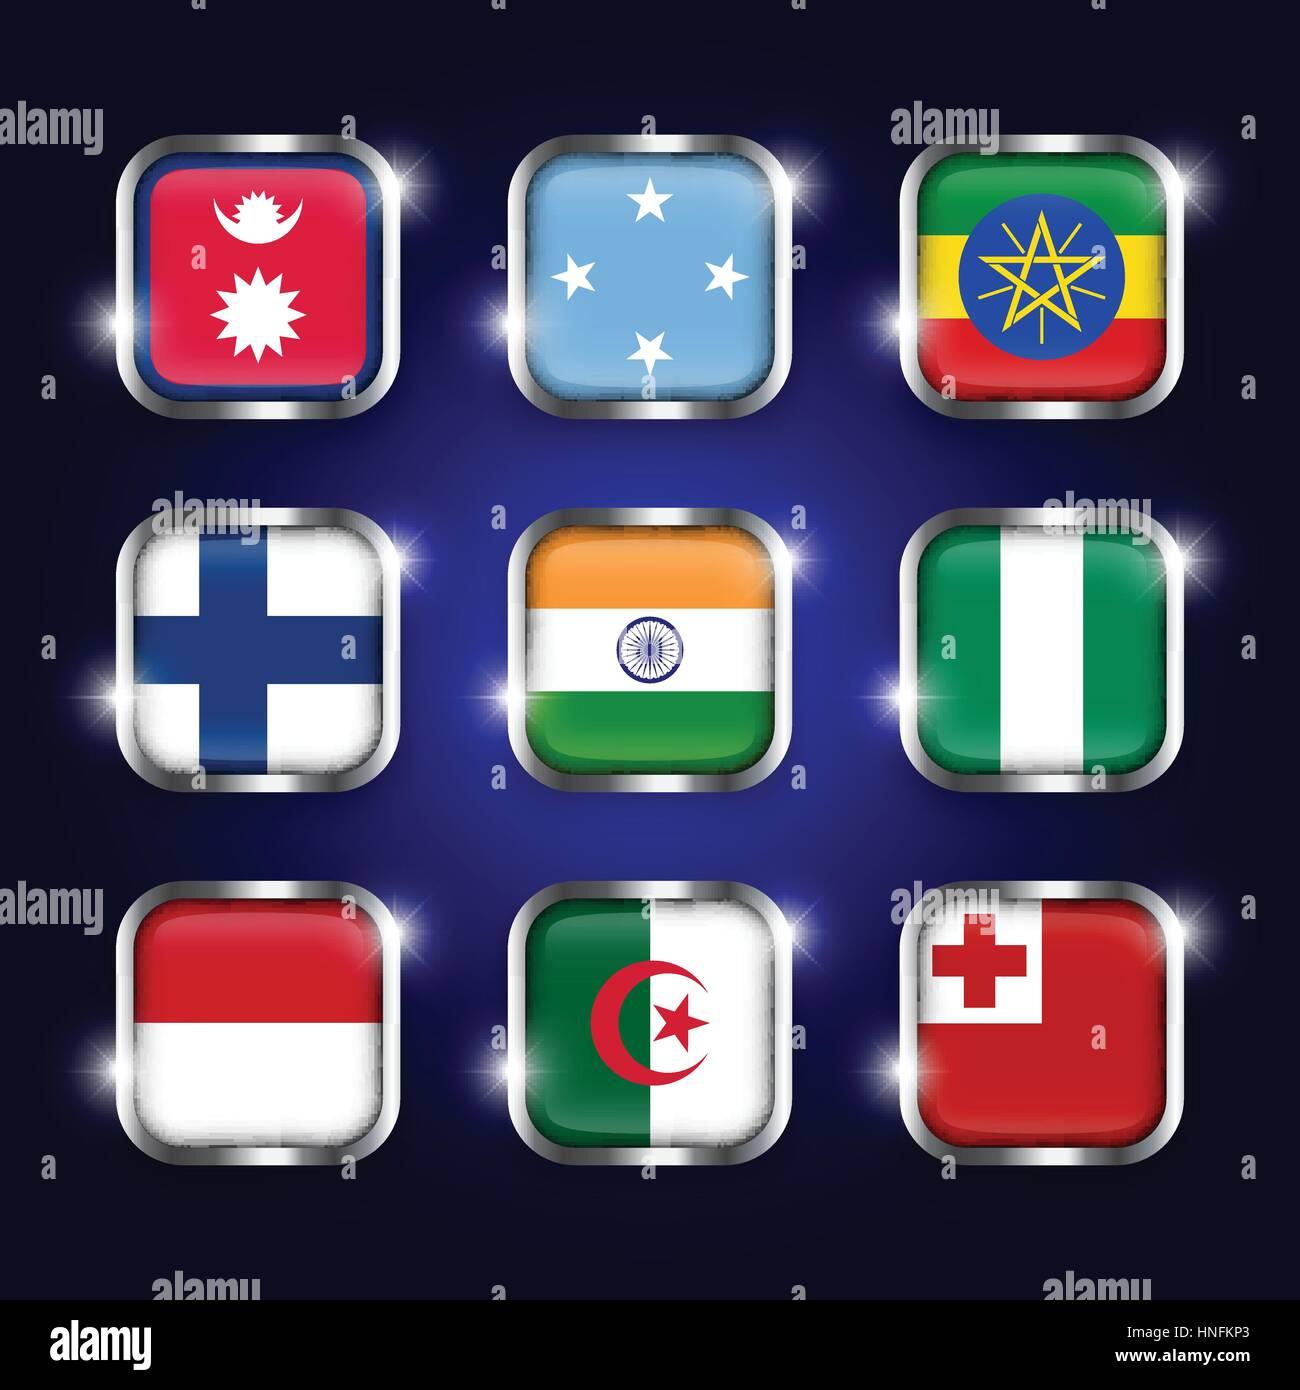 Emblem Of Nigeria Stockfotos & Emblem Of Nigeria Bilder - Seite 2 ...